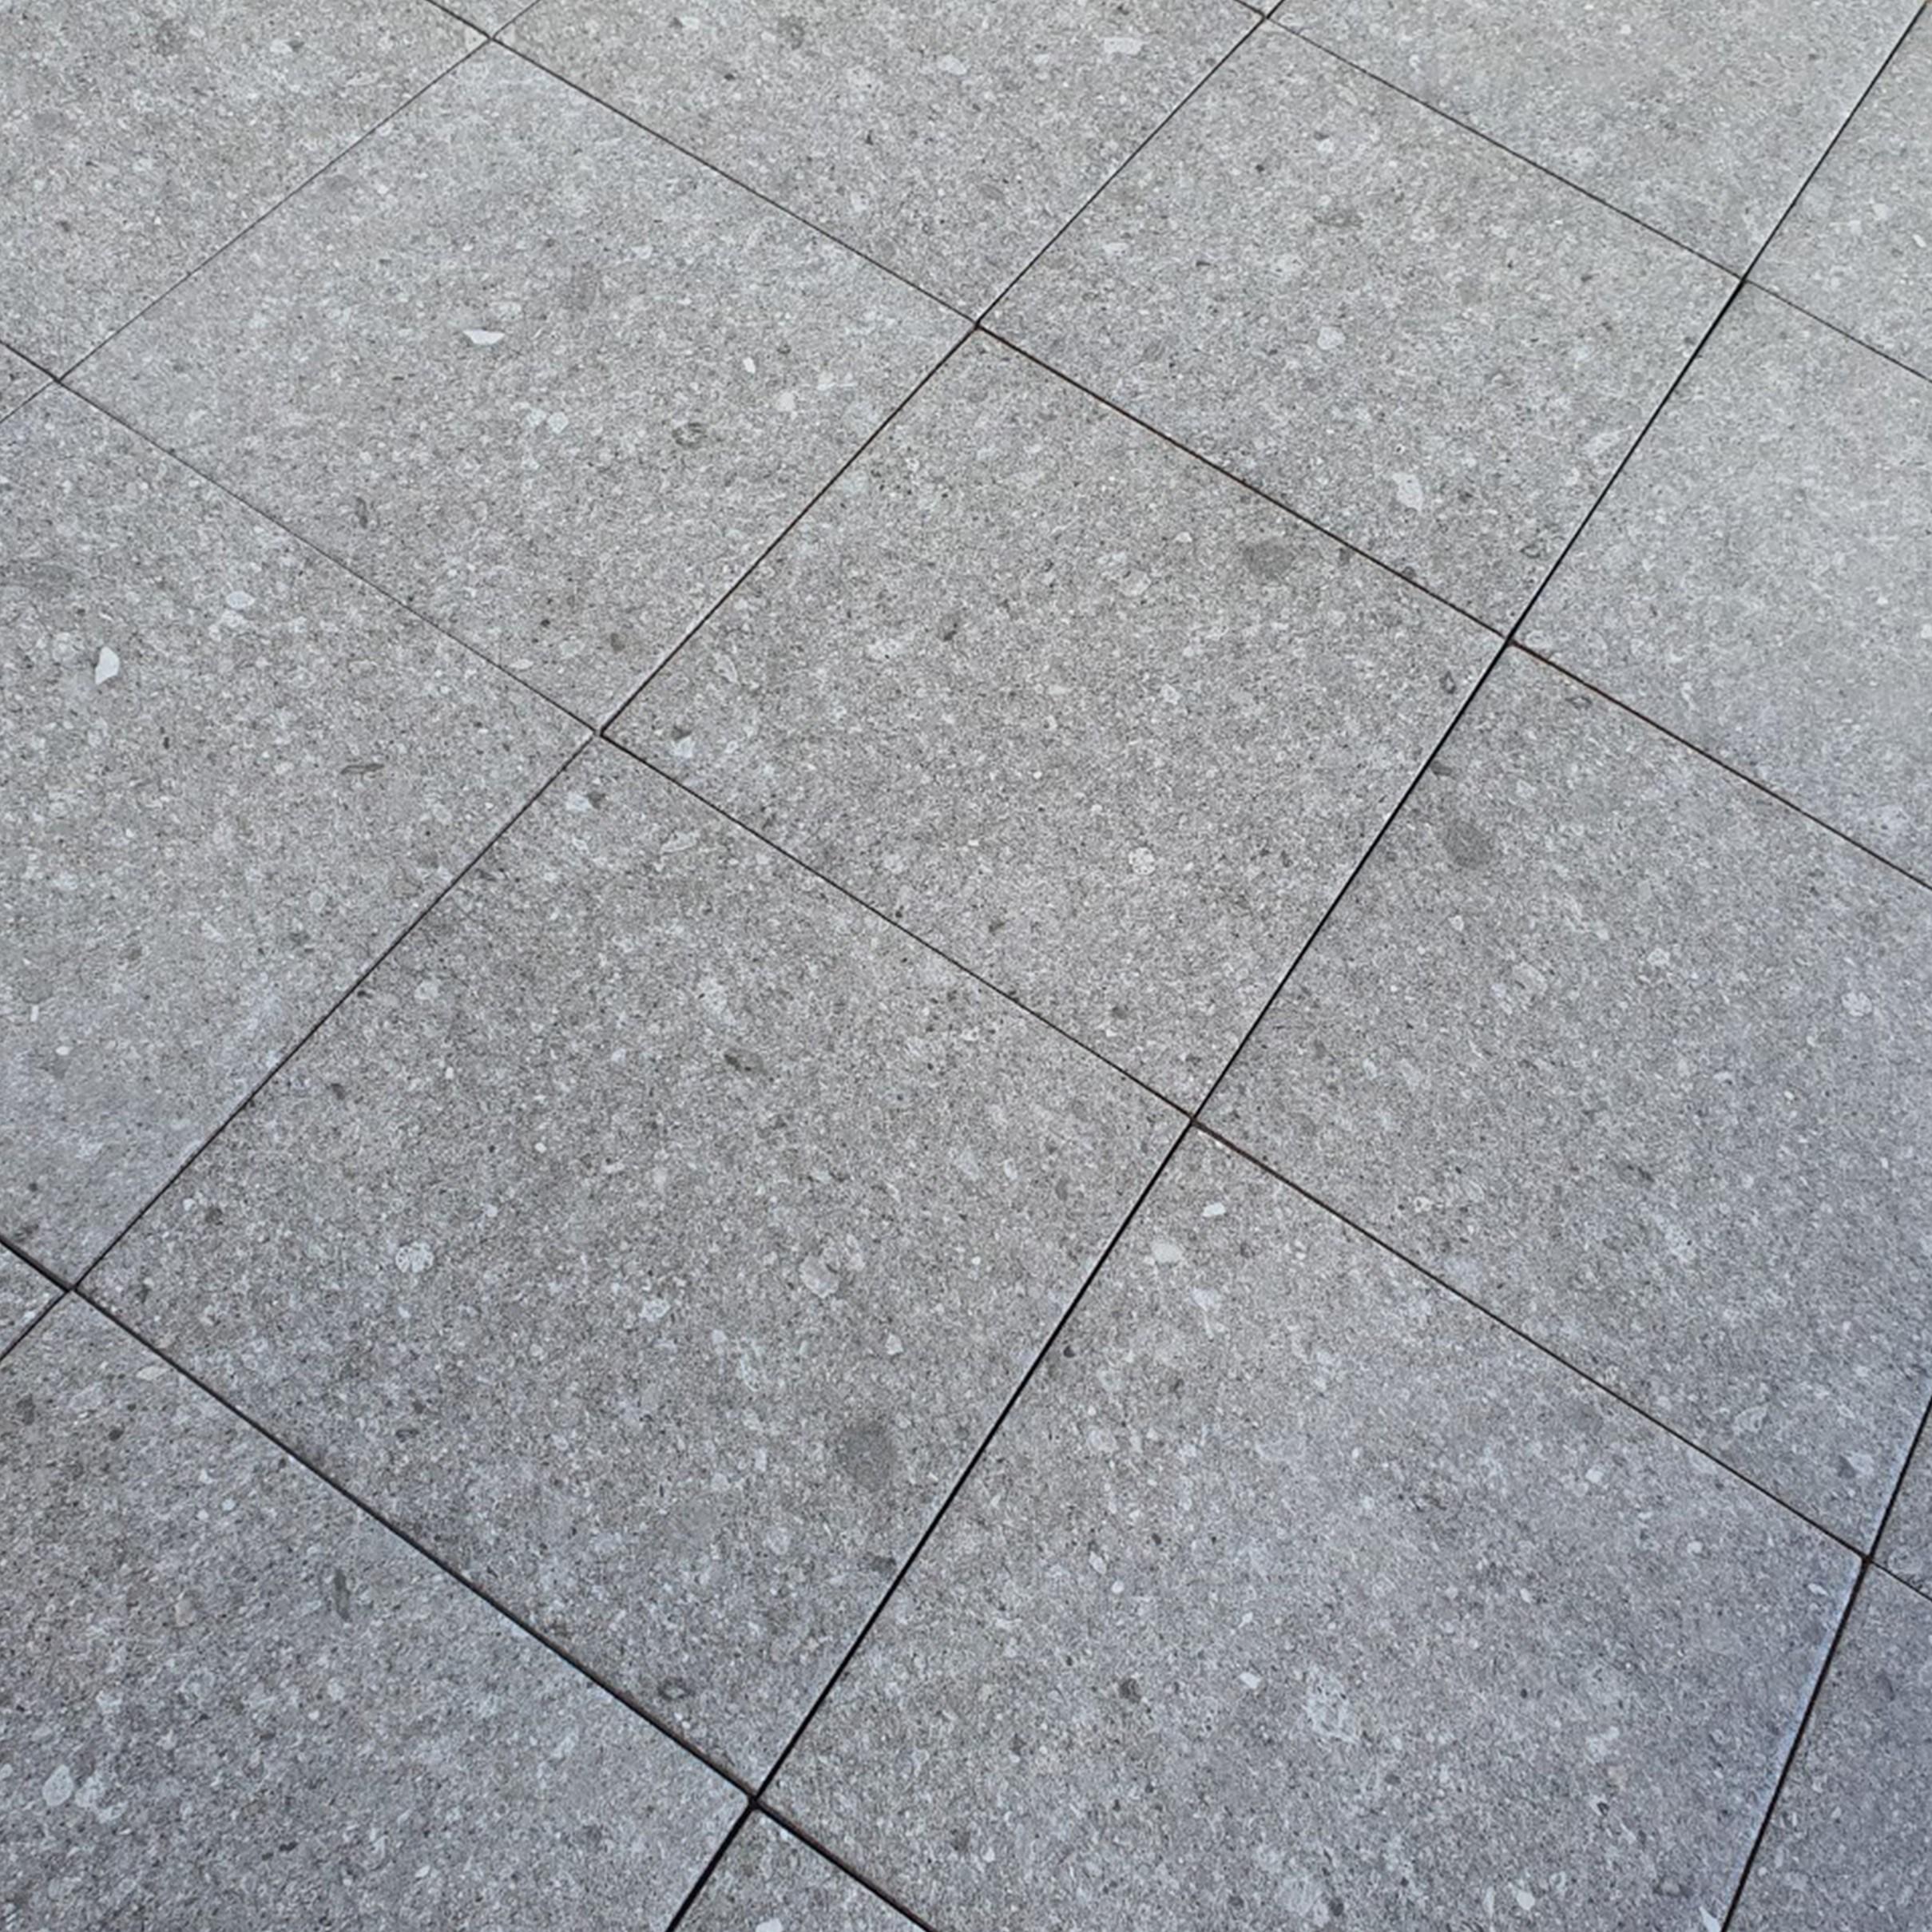 이레타일 바닥타일 욕실타일 주방타일 욕실바닥타일 현관바닥타일 욕실타일줄눈 베란다타일 IRV201